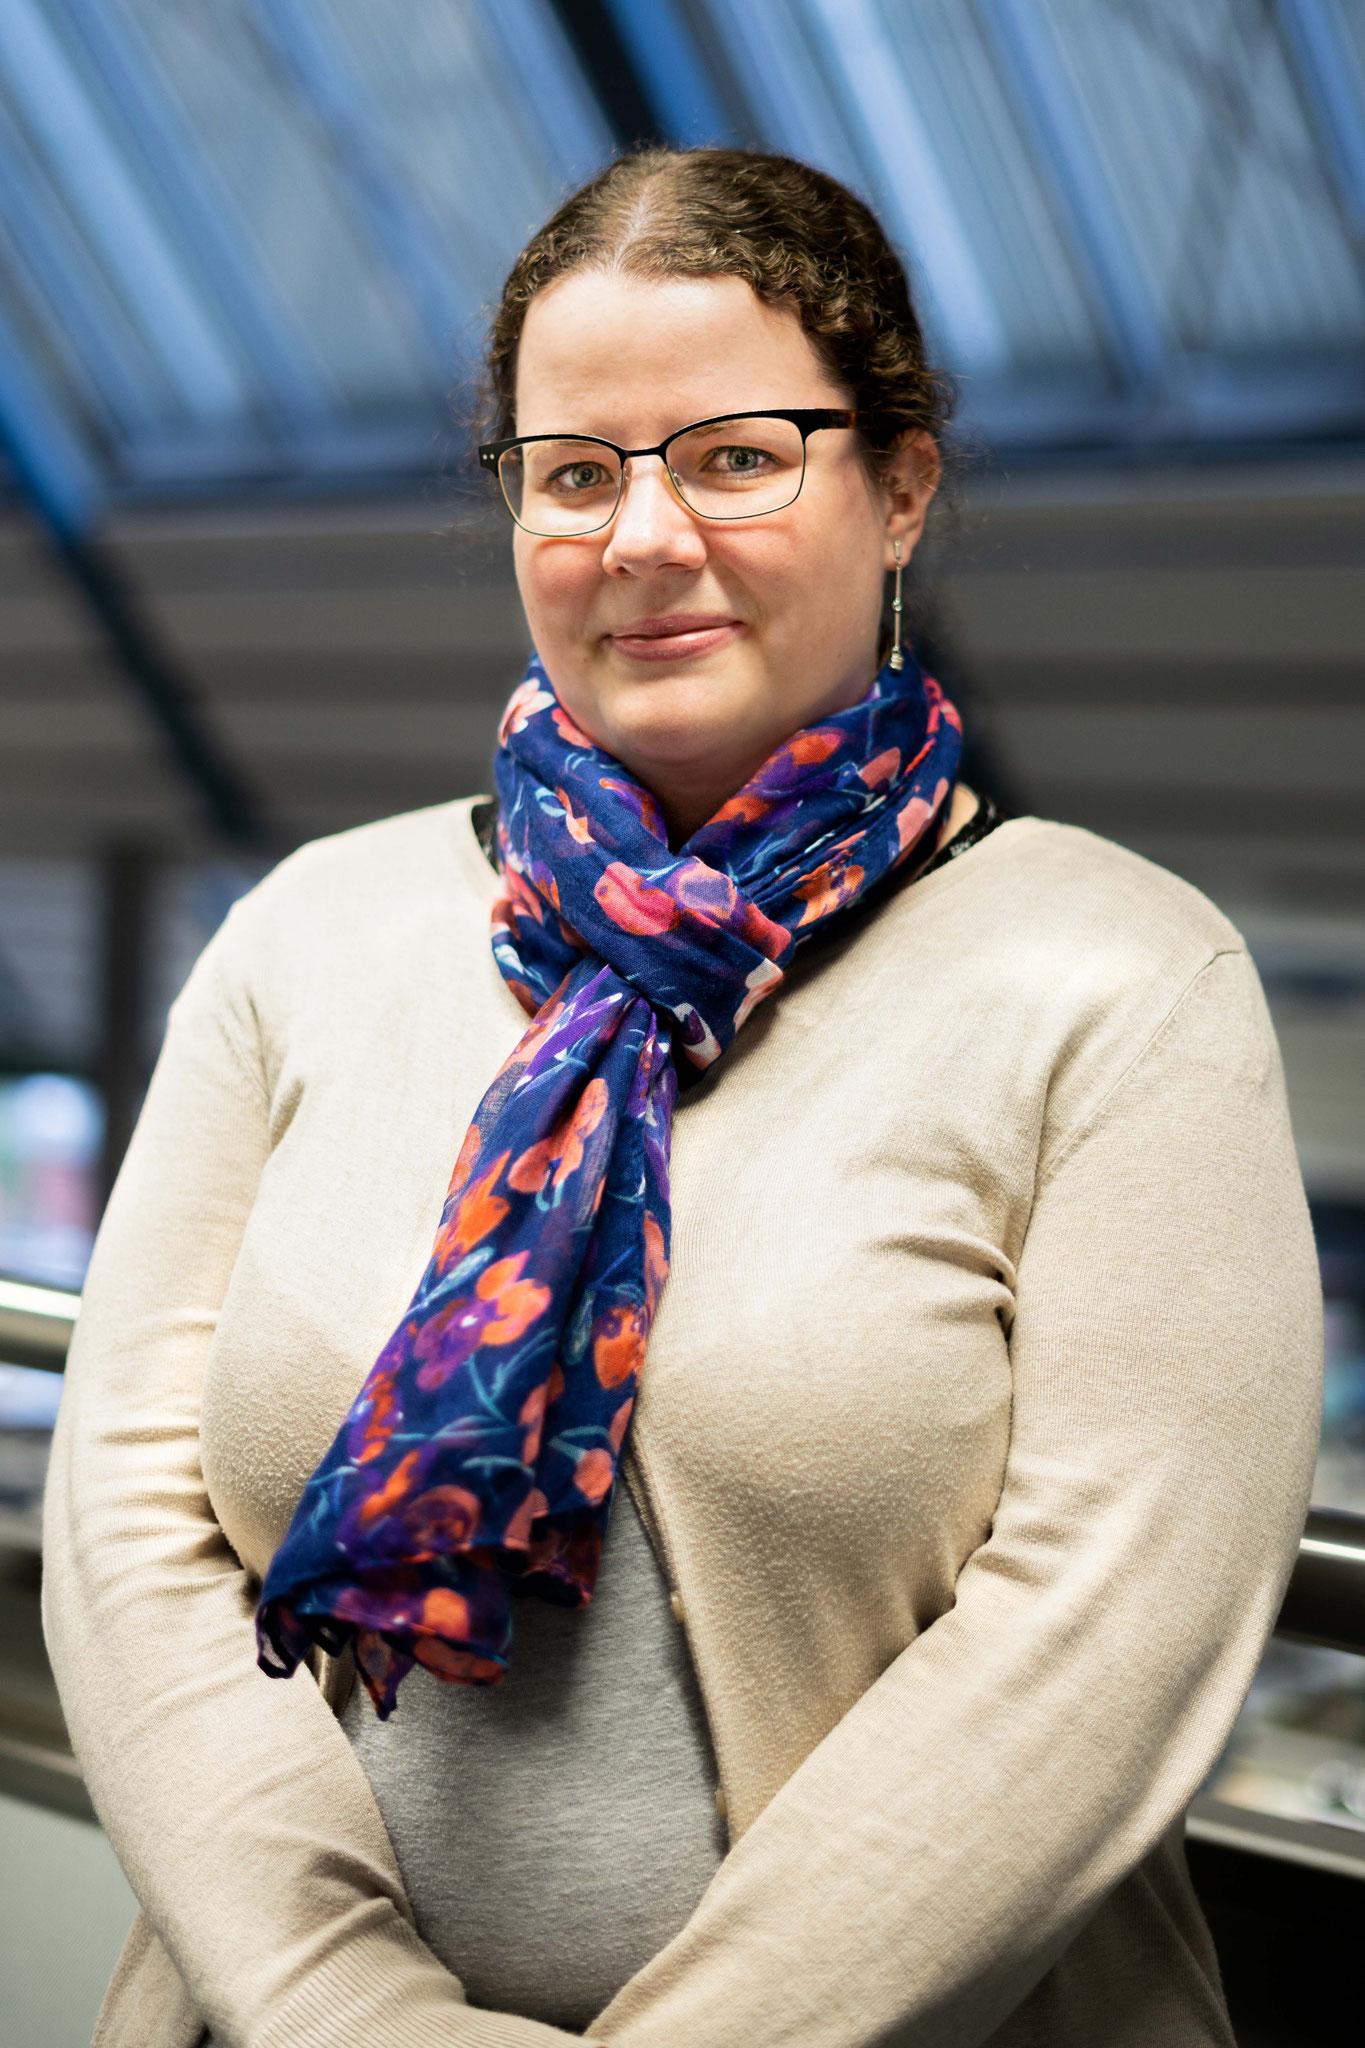 Annika Heinze